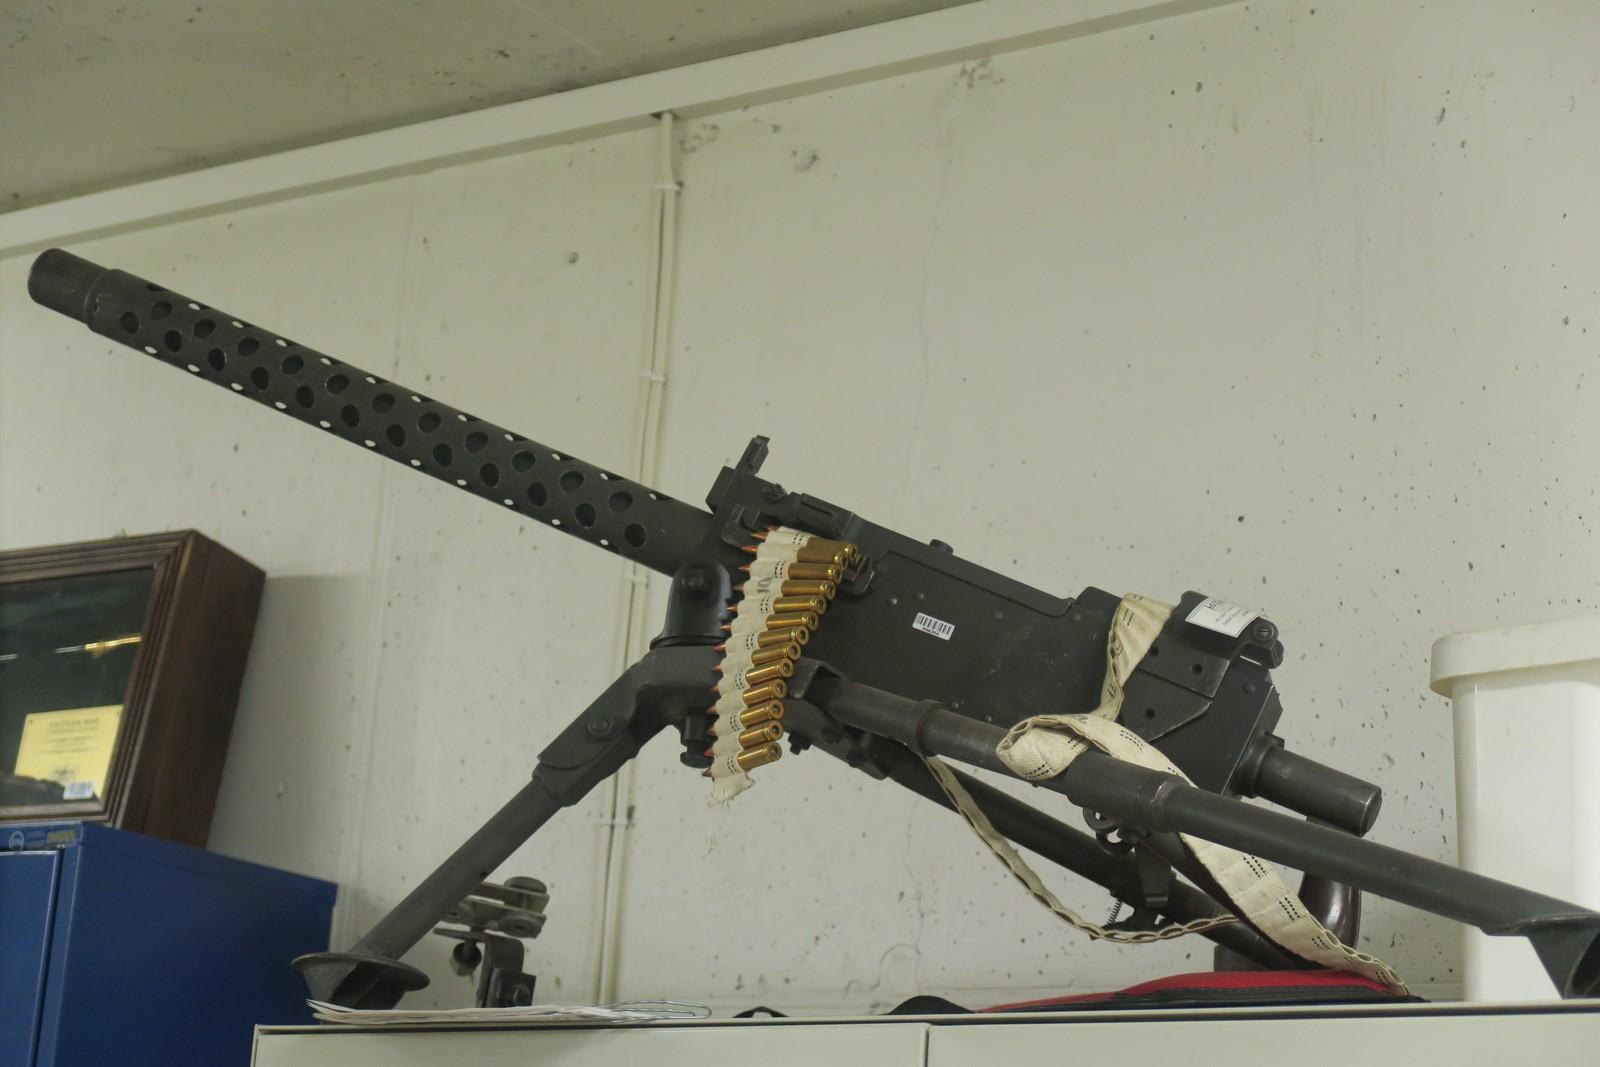 Tungt maskingevær: en Browning mitraljøse